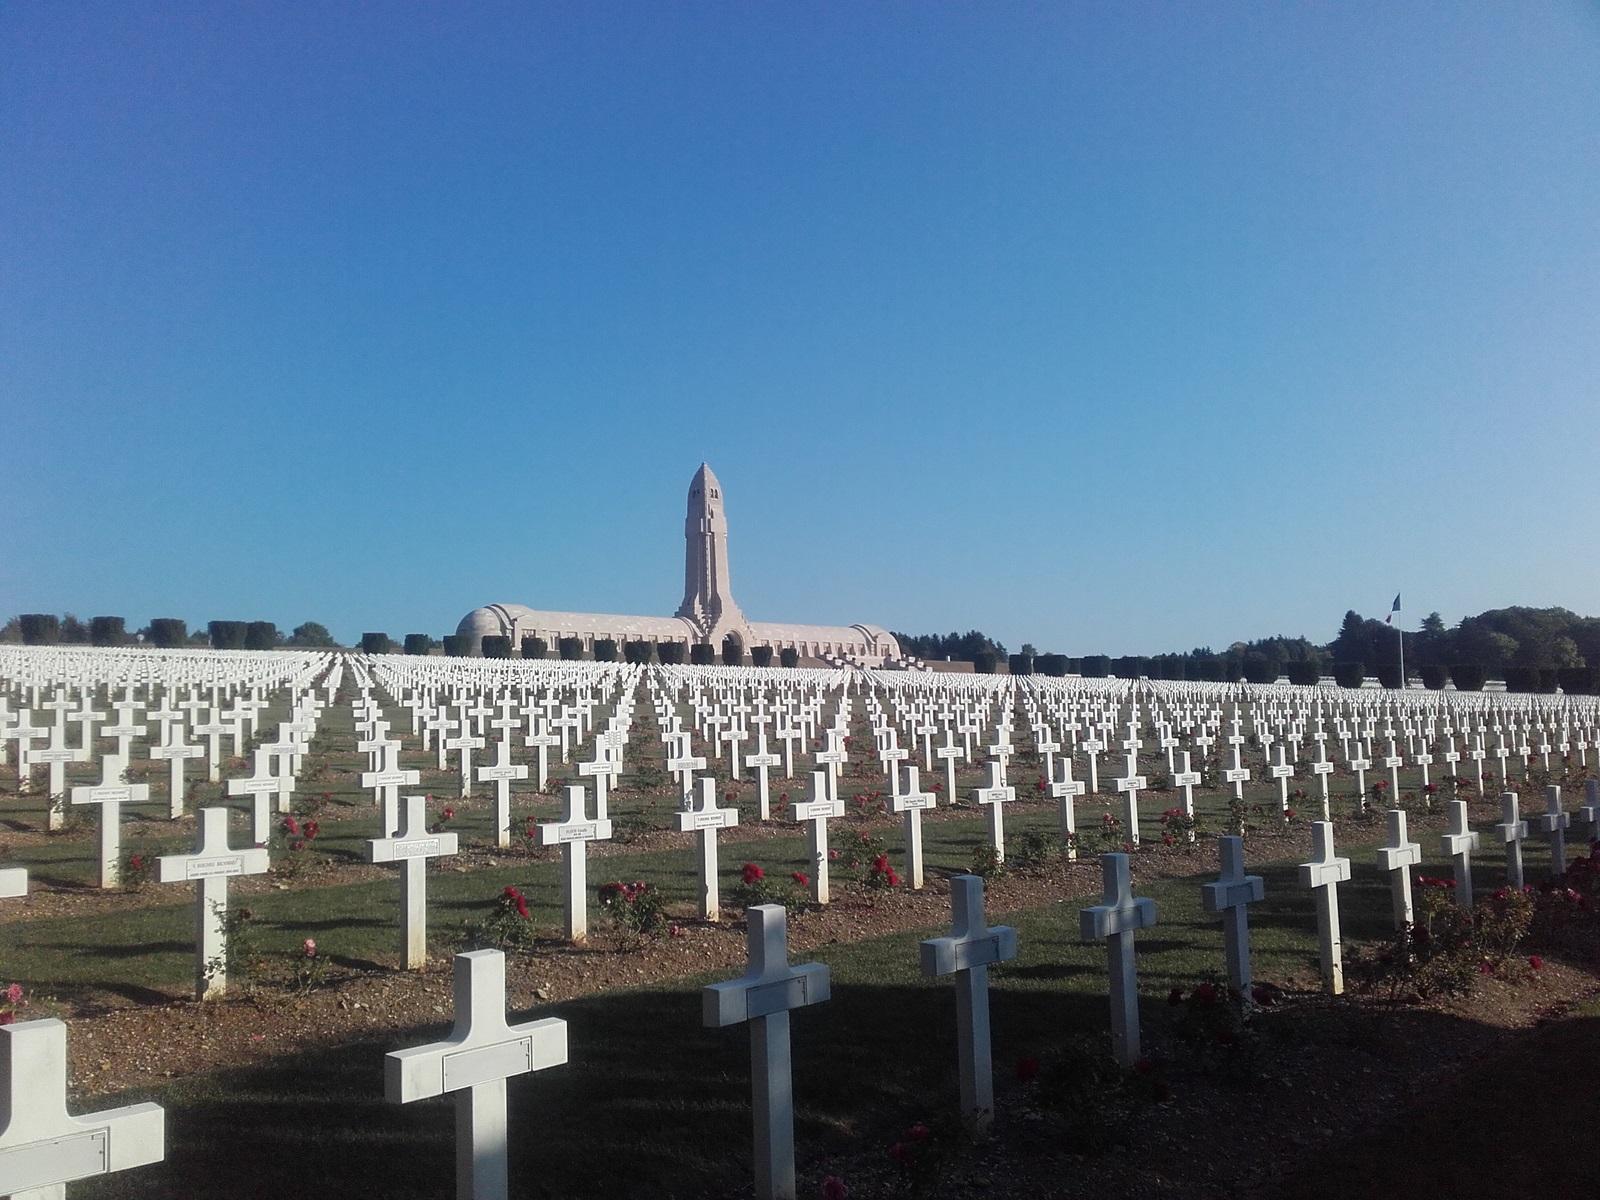 Ossuaire et nécropole Nationale de Douaumont (Route du fort en travaux lors de ma reconnaissance). Photo de septembre 2016